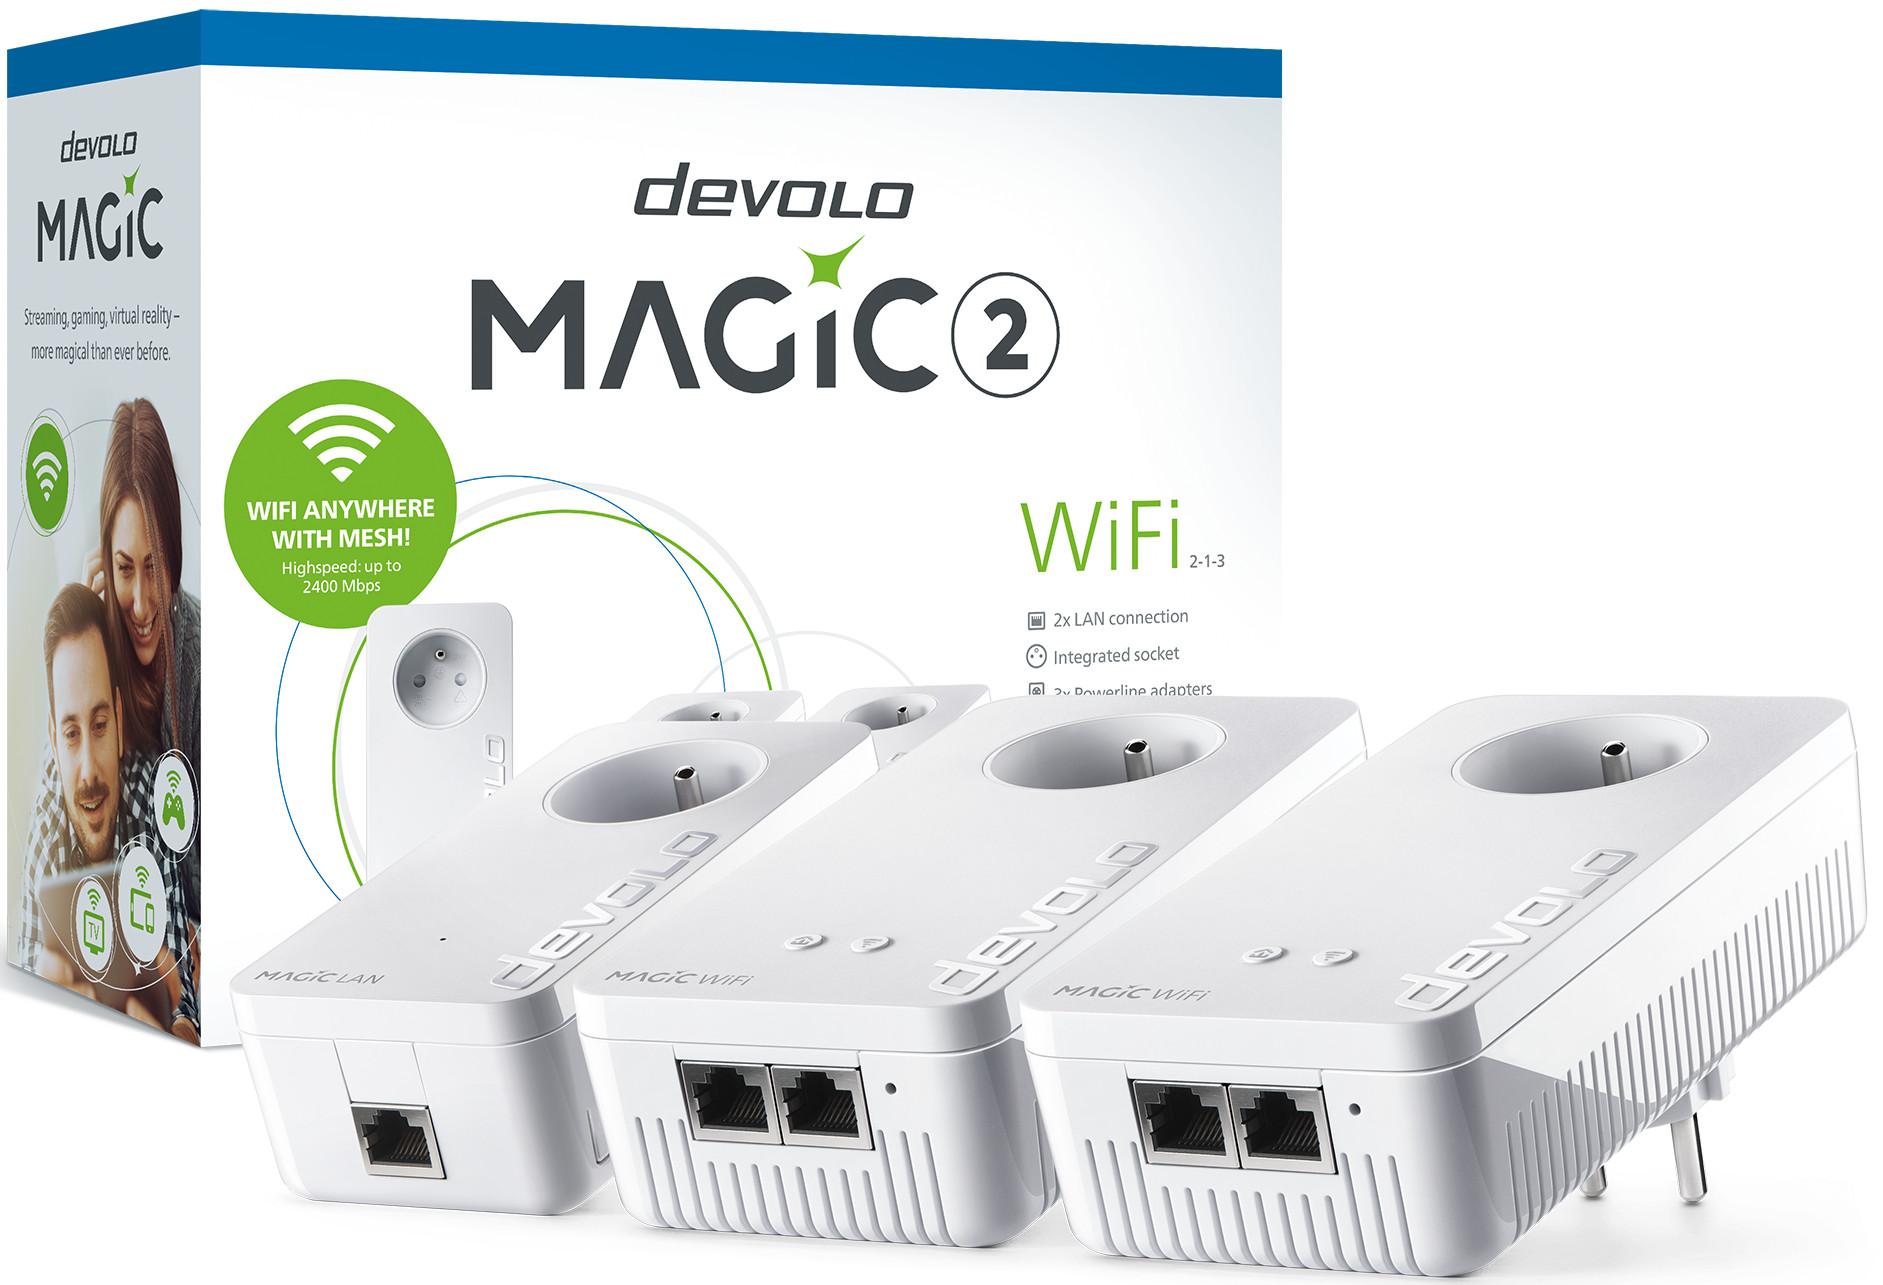 Review : Devolo Magic 2